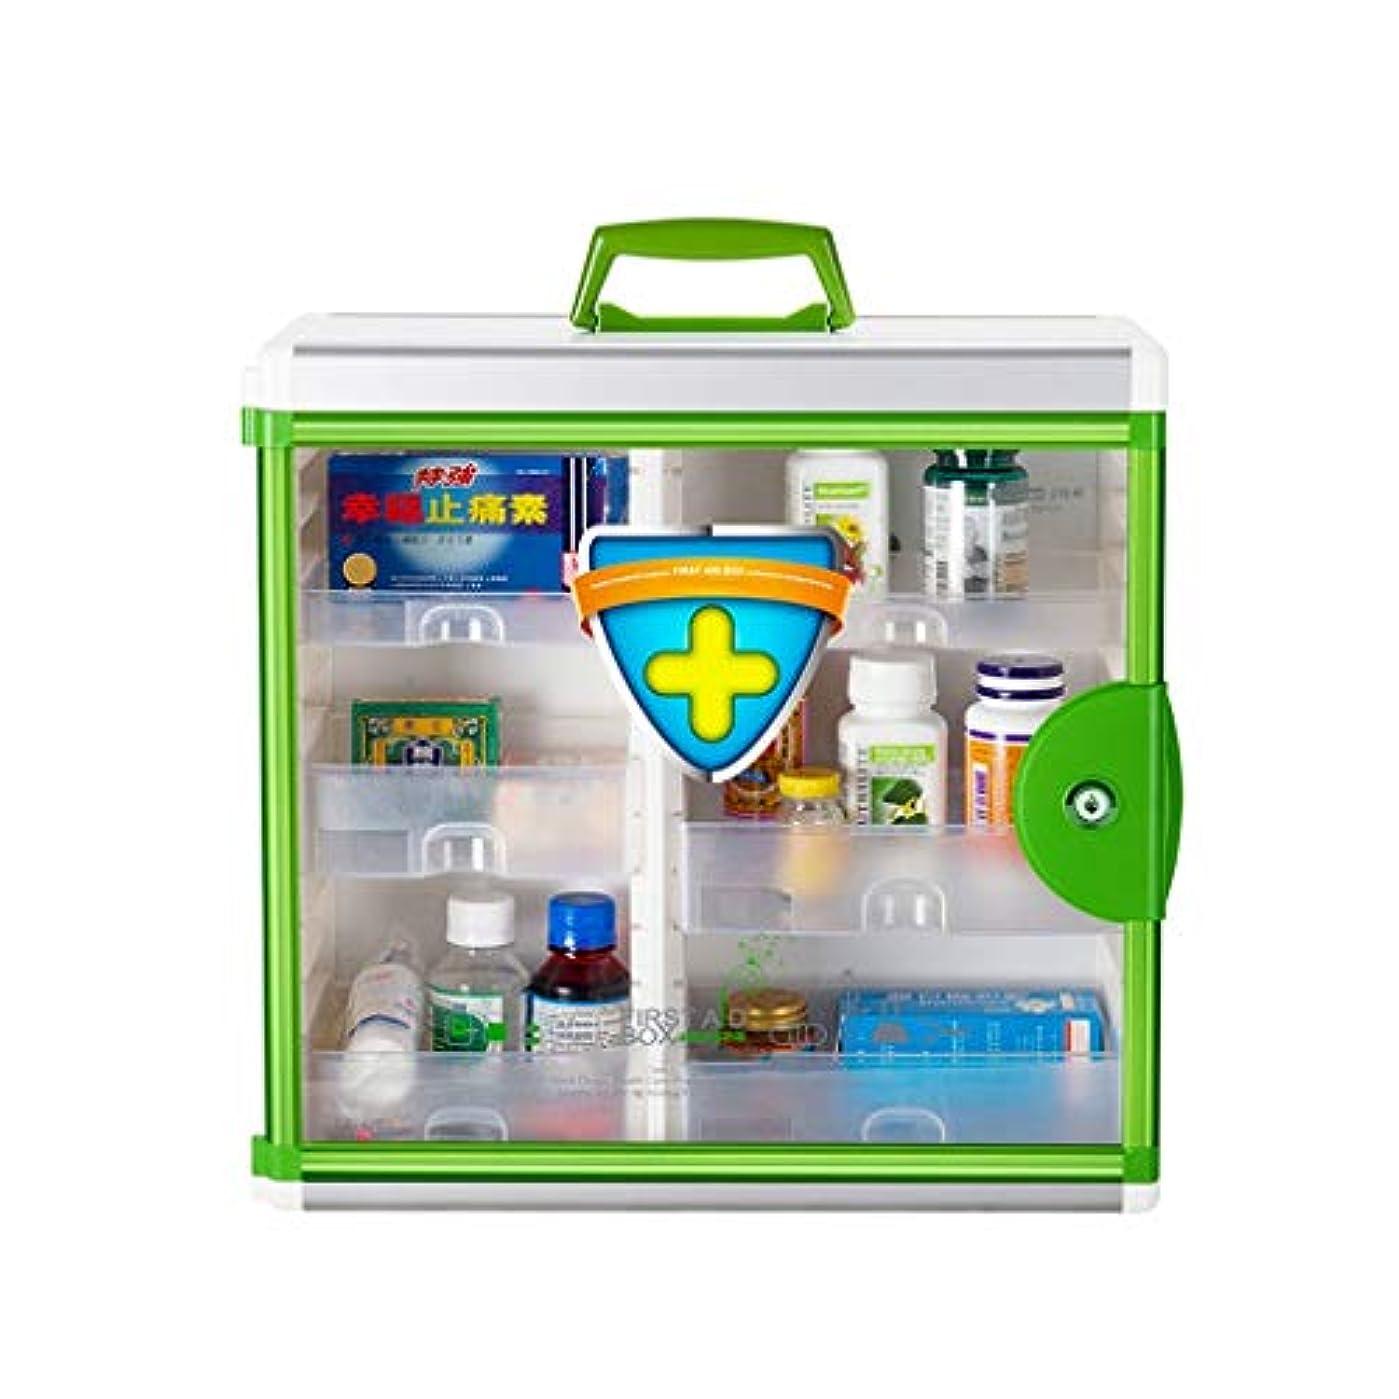 特定の協会聞きます大容量家庭用壁掛け大型薬箱薬収納ボックス応急処置 HUXIUPING (Color : Green)